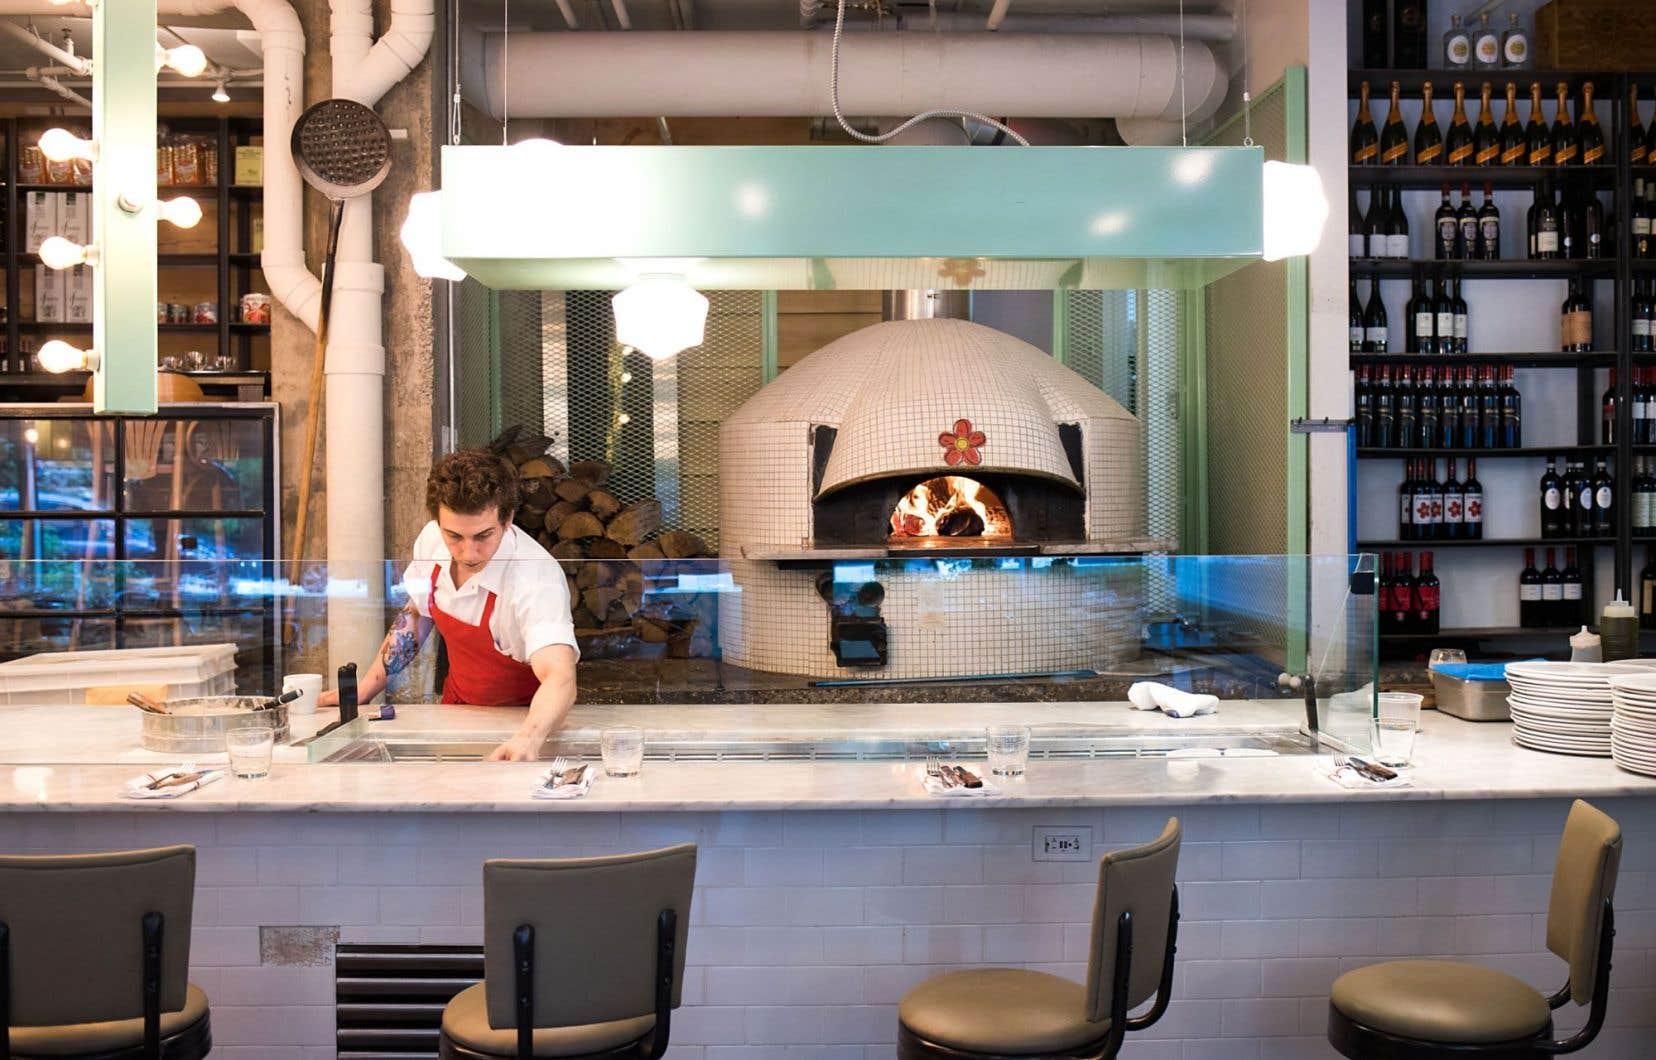 Depuis l'arrivée du resto Bottega en 2006, des pizzerias nouvelle tendance se sont employées l'une après l'autre à pétrir leur pâte, à fabriquer leurs sauces et à trancher leur soppressata.